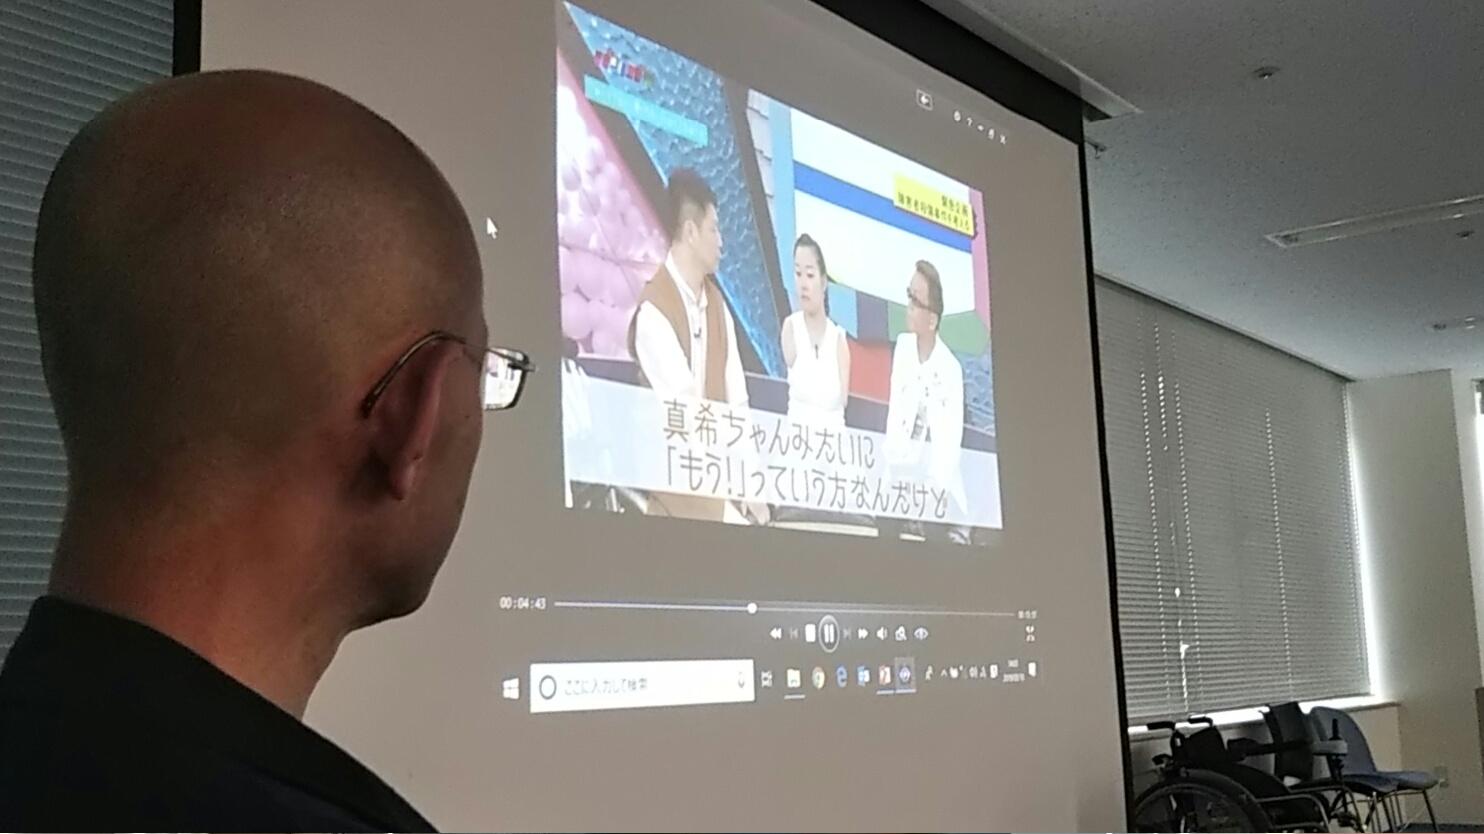 '18 虐待防止・権利擁護研修(講義・後編)